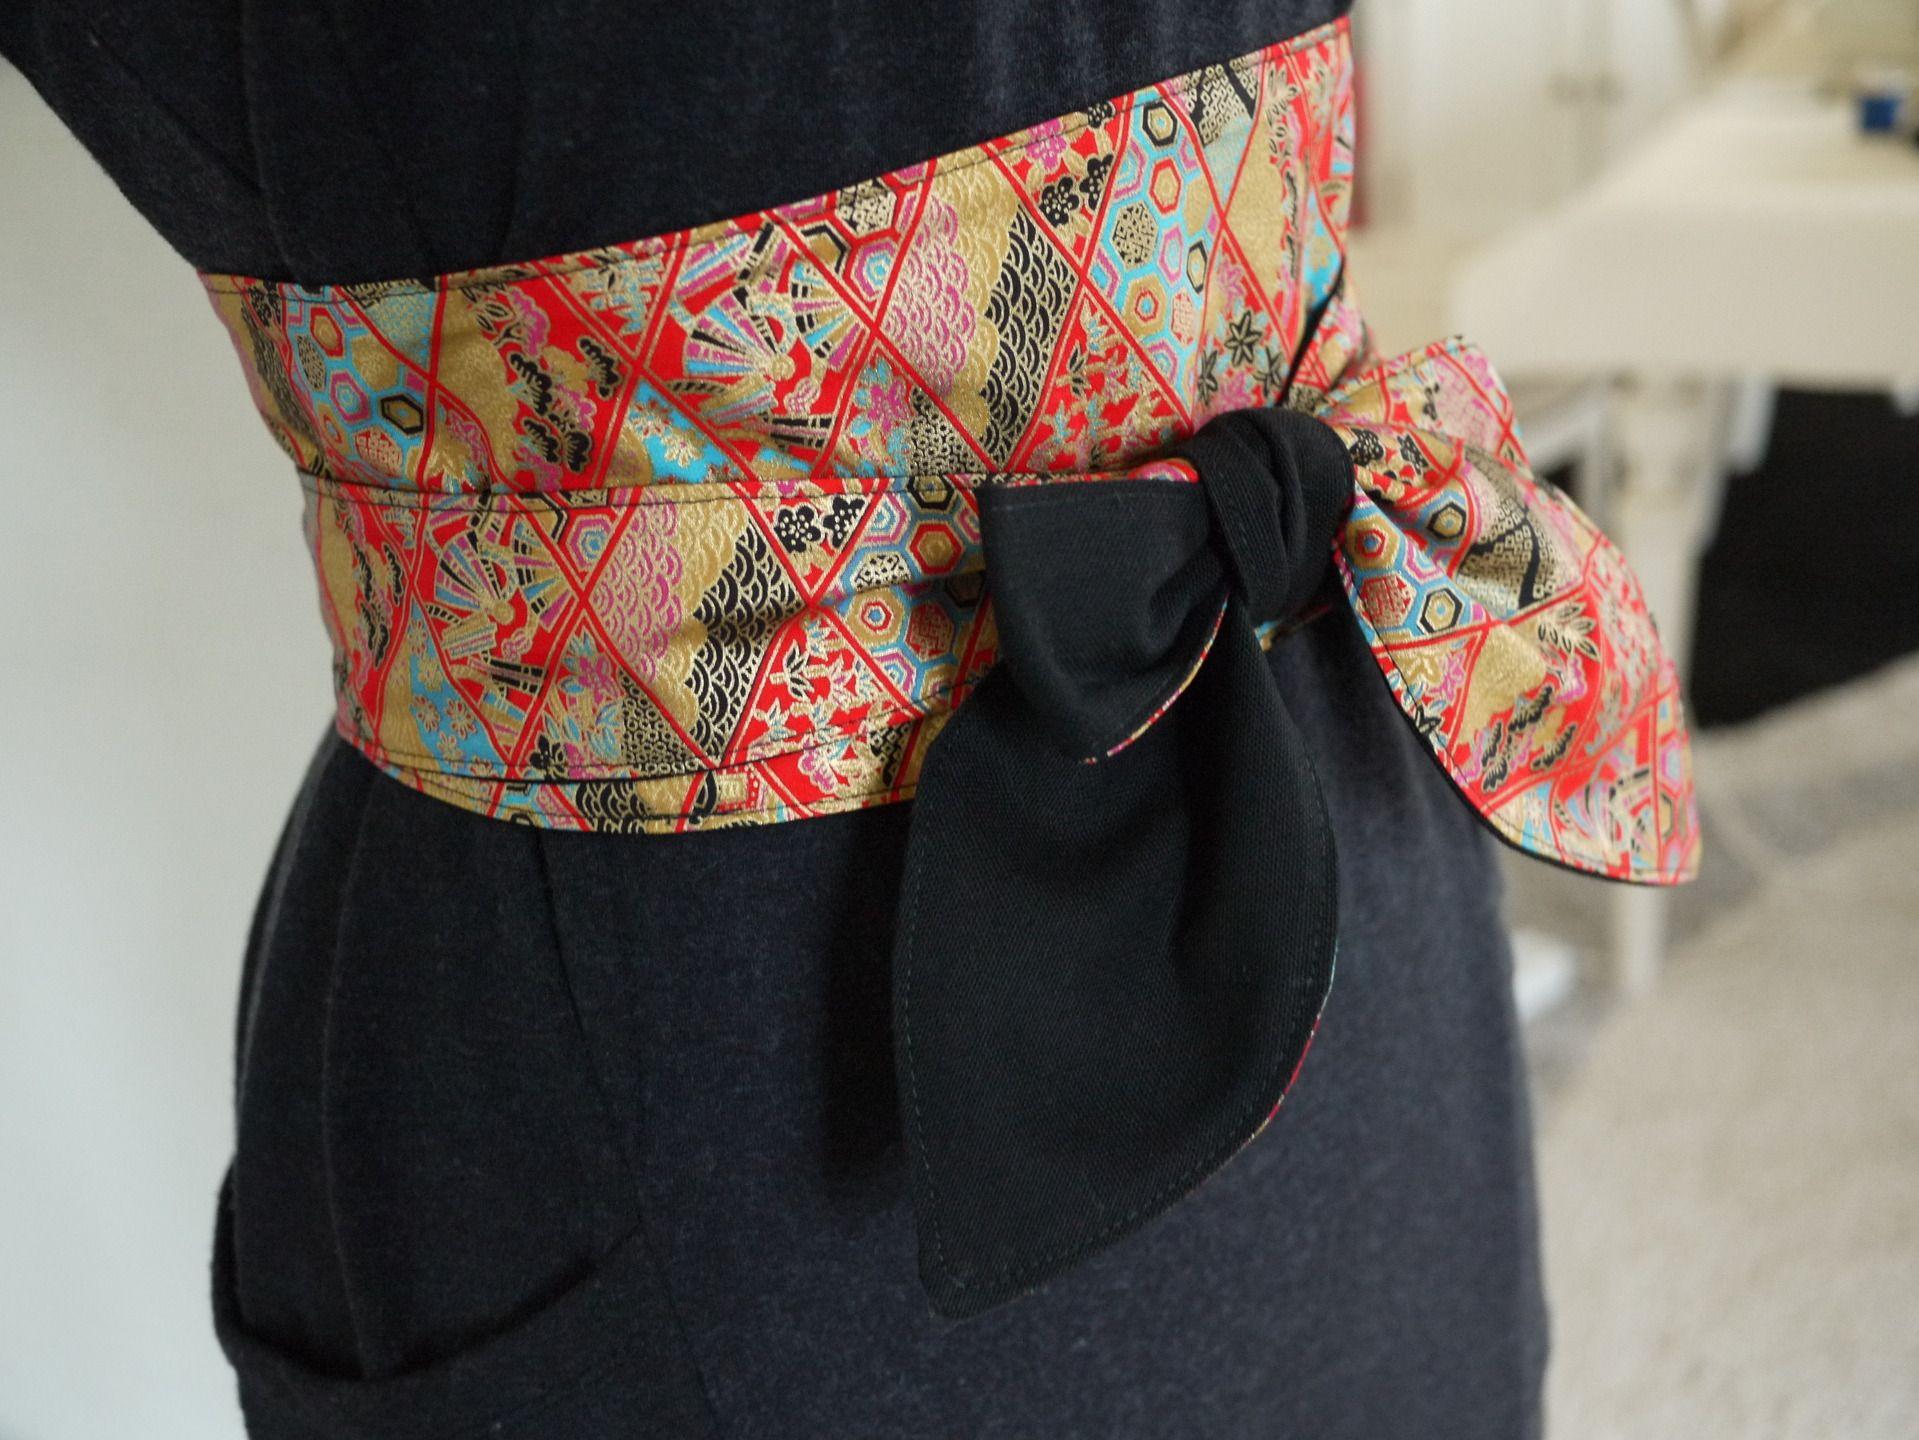 4d817a5eeecd Obi, ceinture japonaise réalisée en tissu liberty japonais dominante rouge  et or